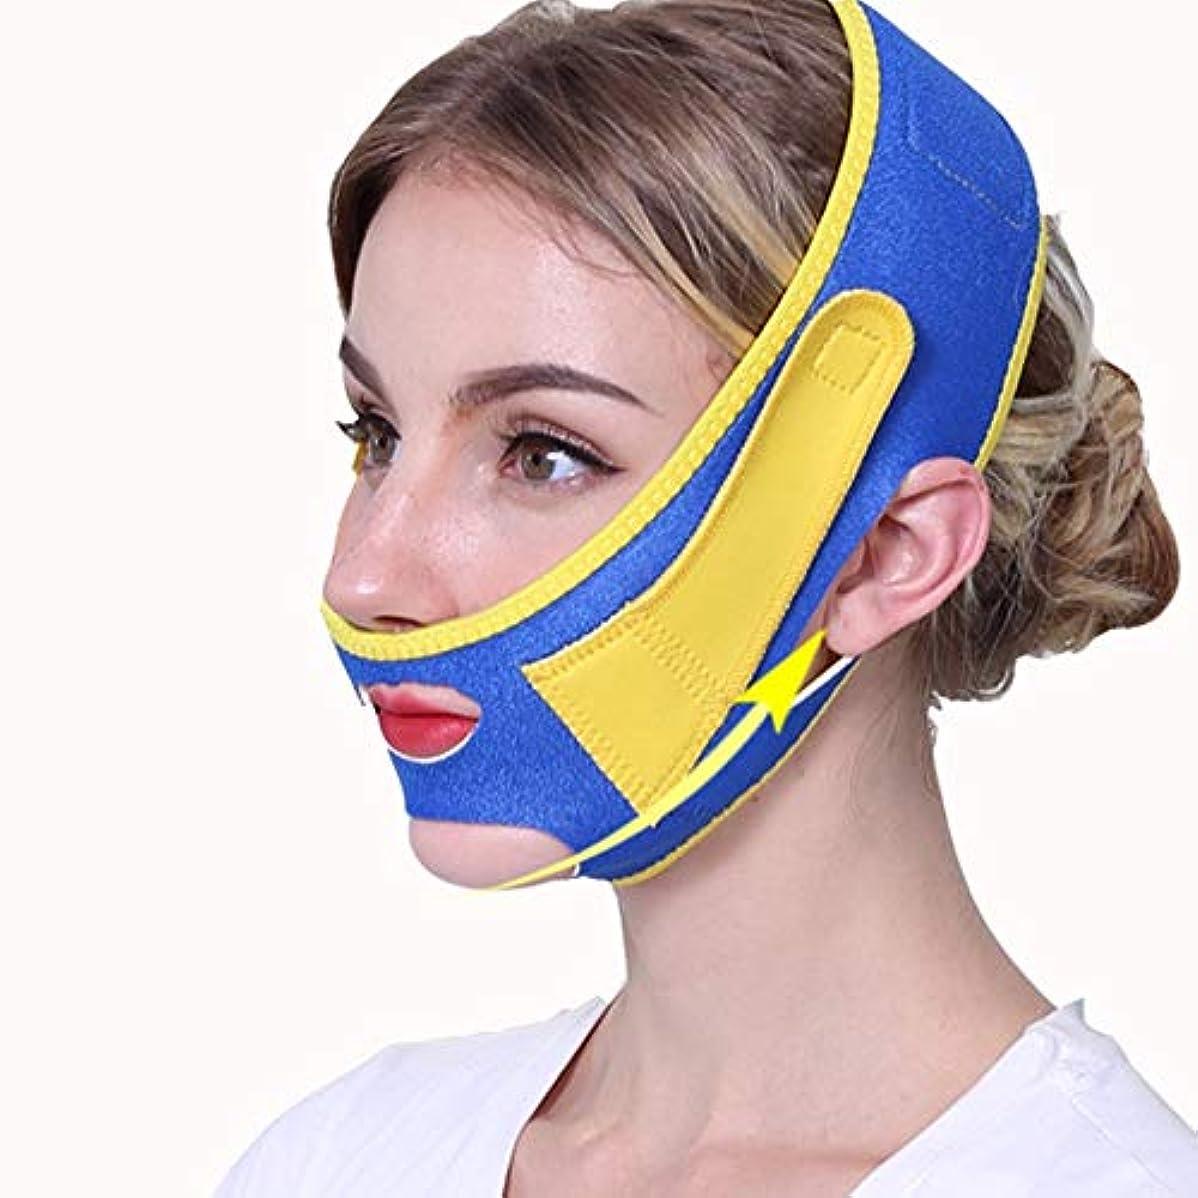 ご予約収穫解明GYZ フェイシャルリフティング痩身ベルトフェイス包帯マスク整形マスクフェイスベルトを引き締める薄型フェイス包帯整形マスクフェイスと首の顔を引き締めスリム Thin Face Belt